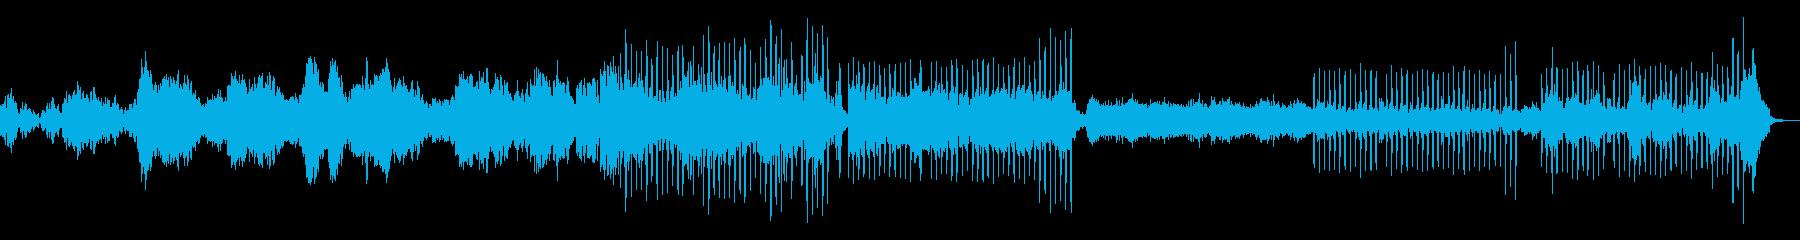 落ち着いた雰囲気のEDMの再生済みの波形